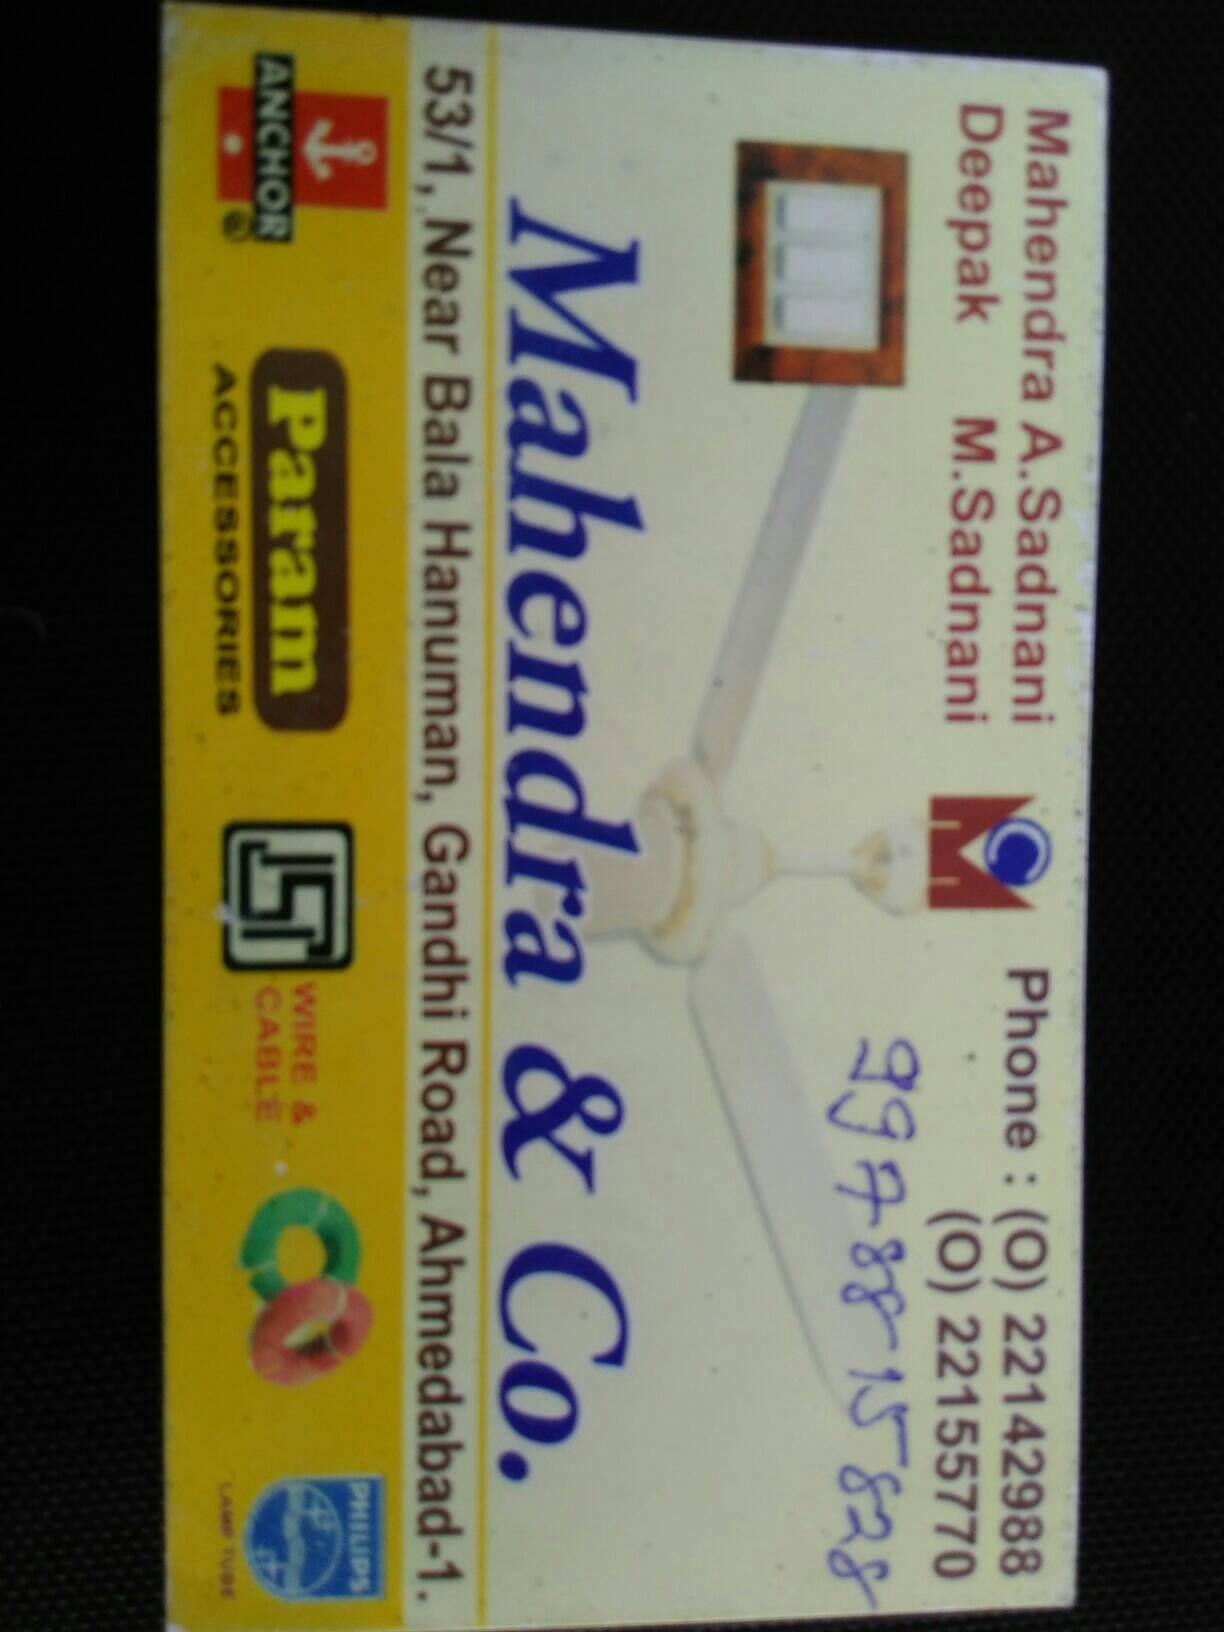 Mahendra & Company